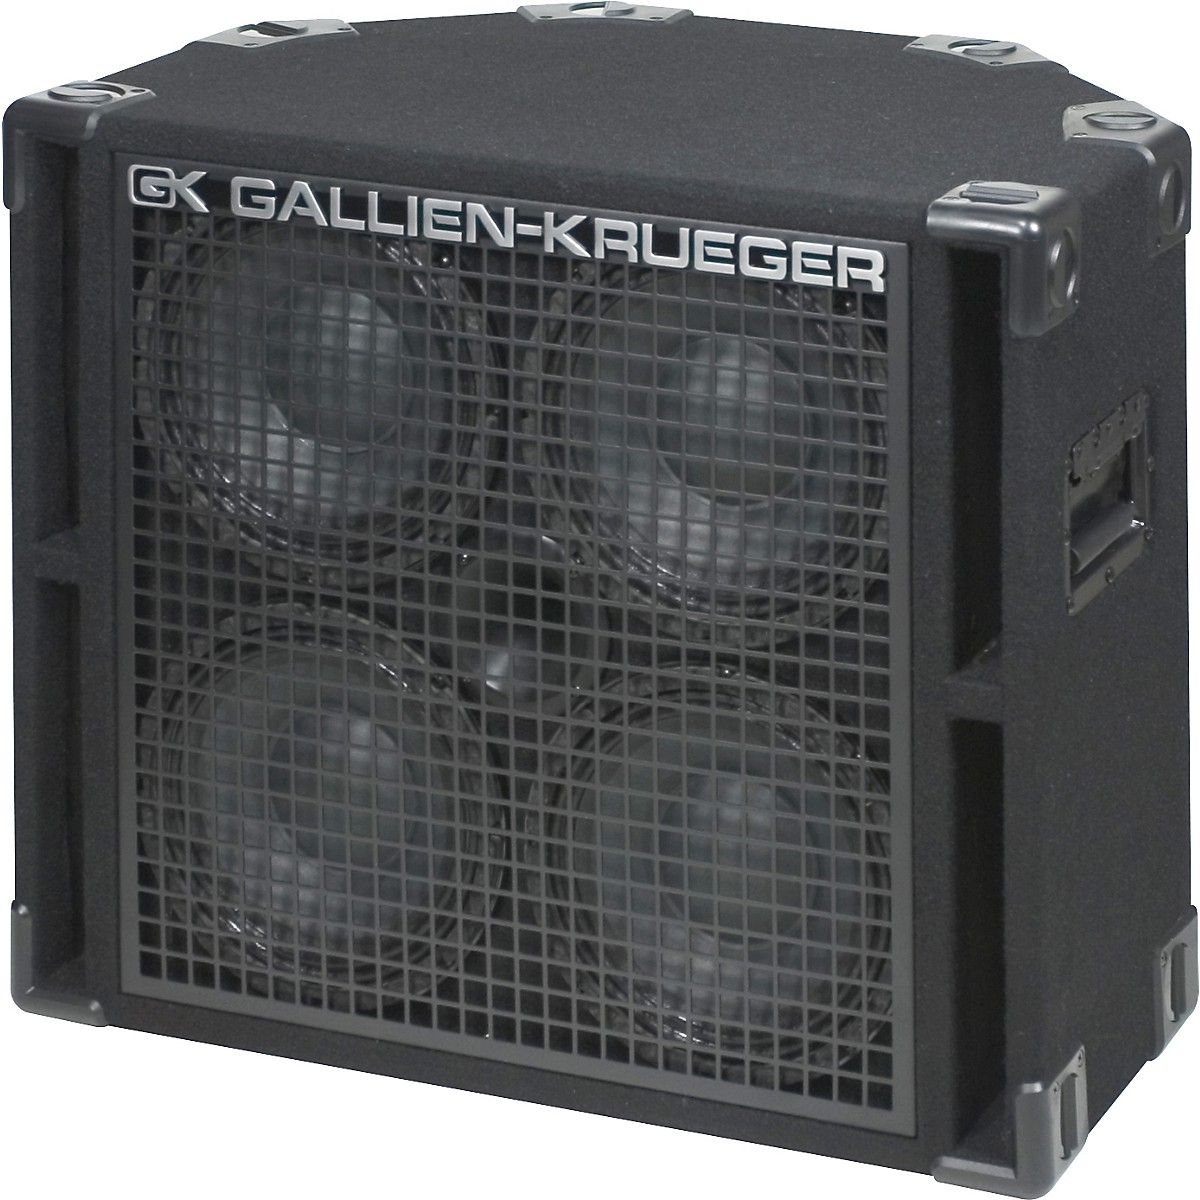 Gallien-Krueger 410RBH 800W 4x10 Bass Cab with Horn